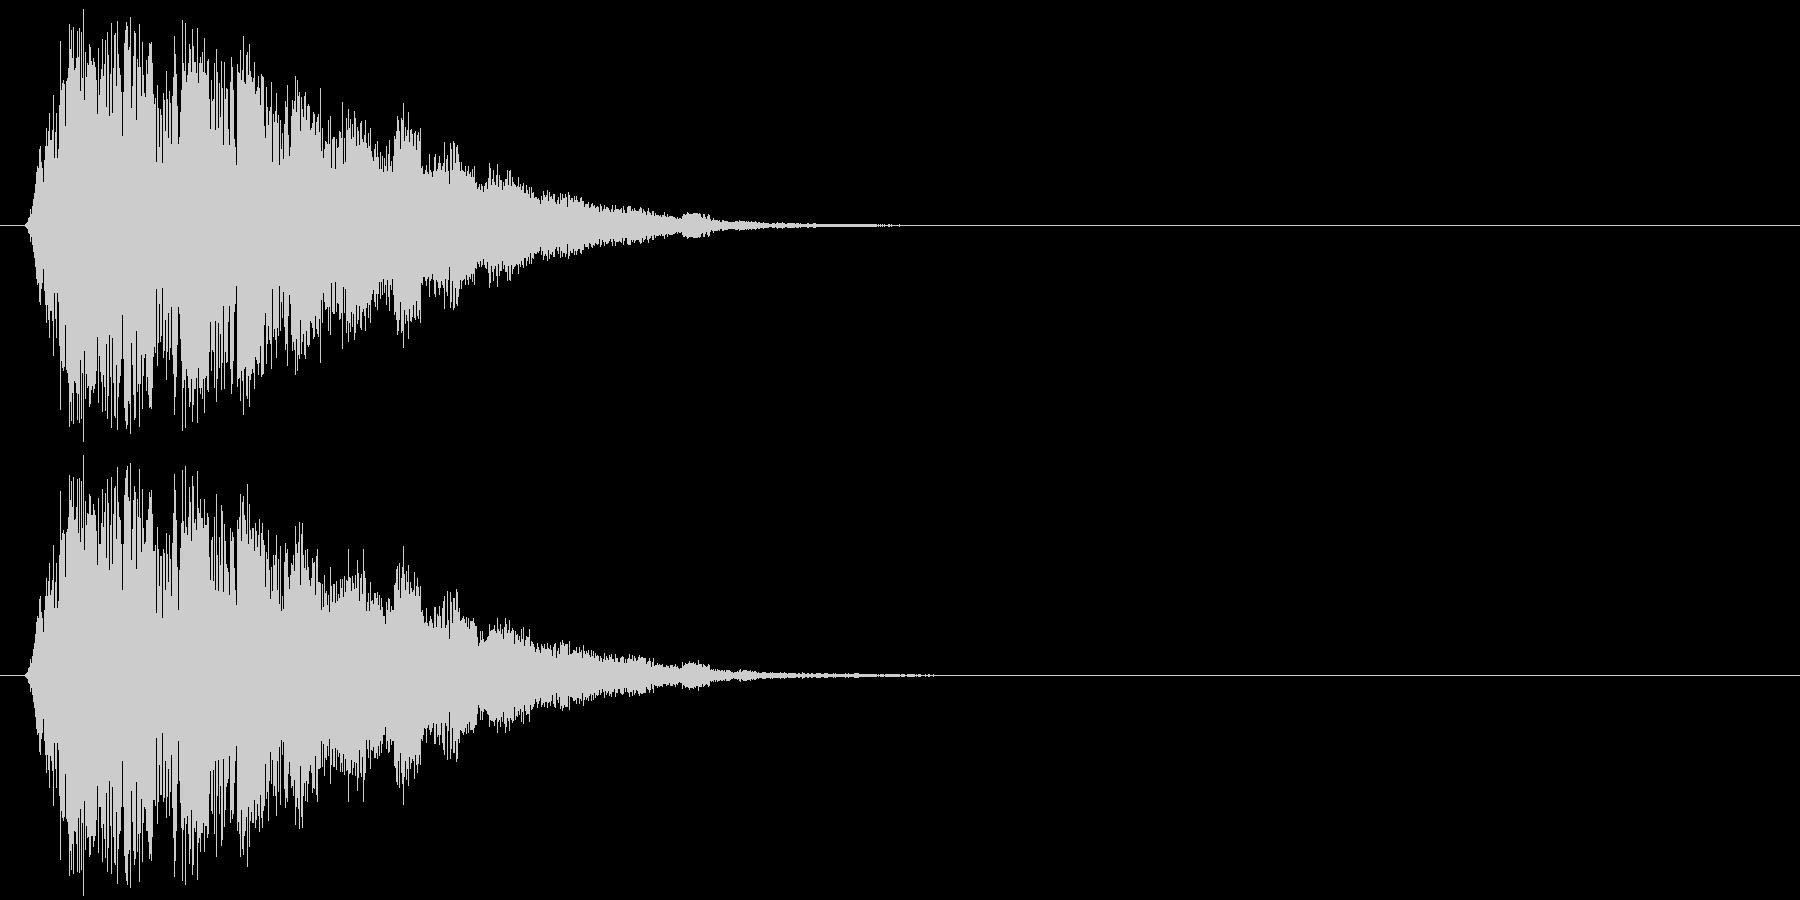 キラキラキラッ↑(魔法、可愛い)の未再生の波形